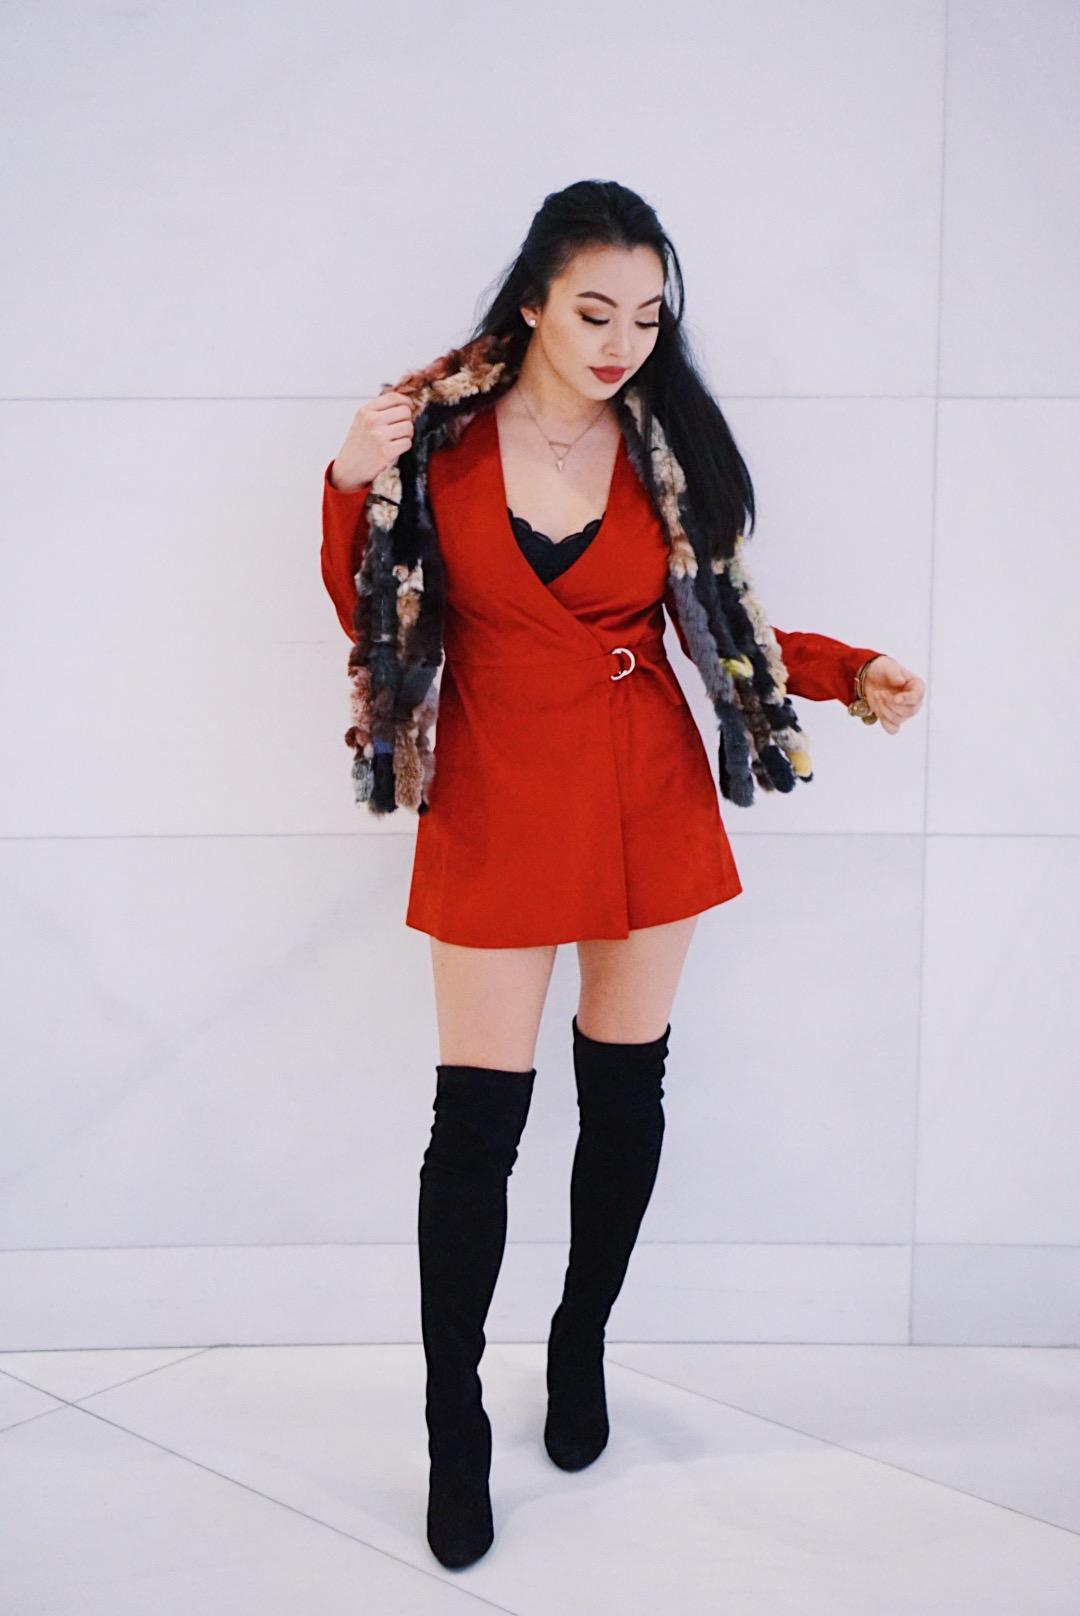 Meet Erica